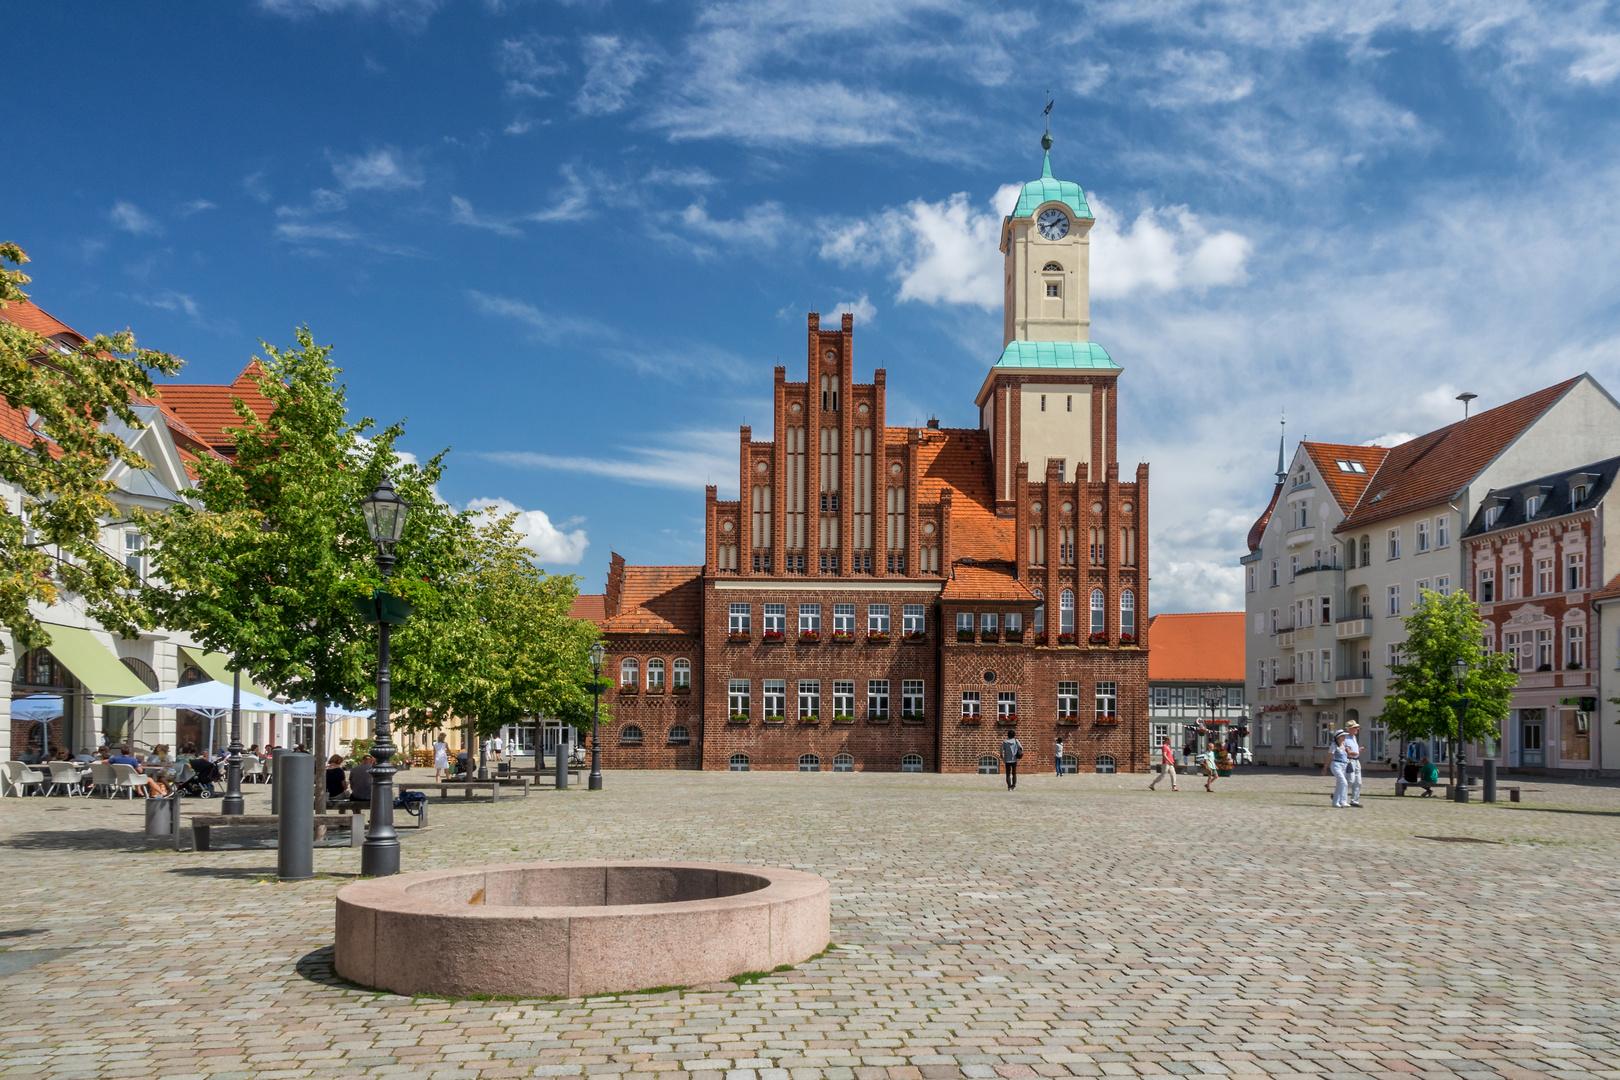 Markt mit Rathaus von Wittstock